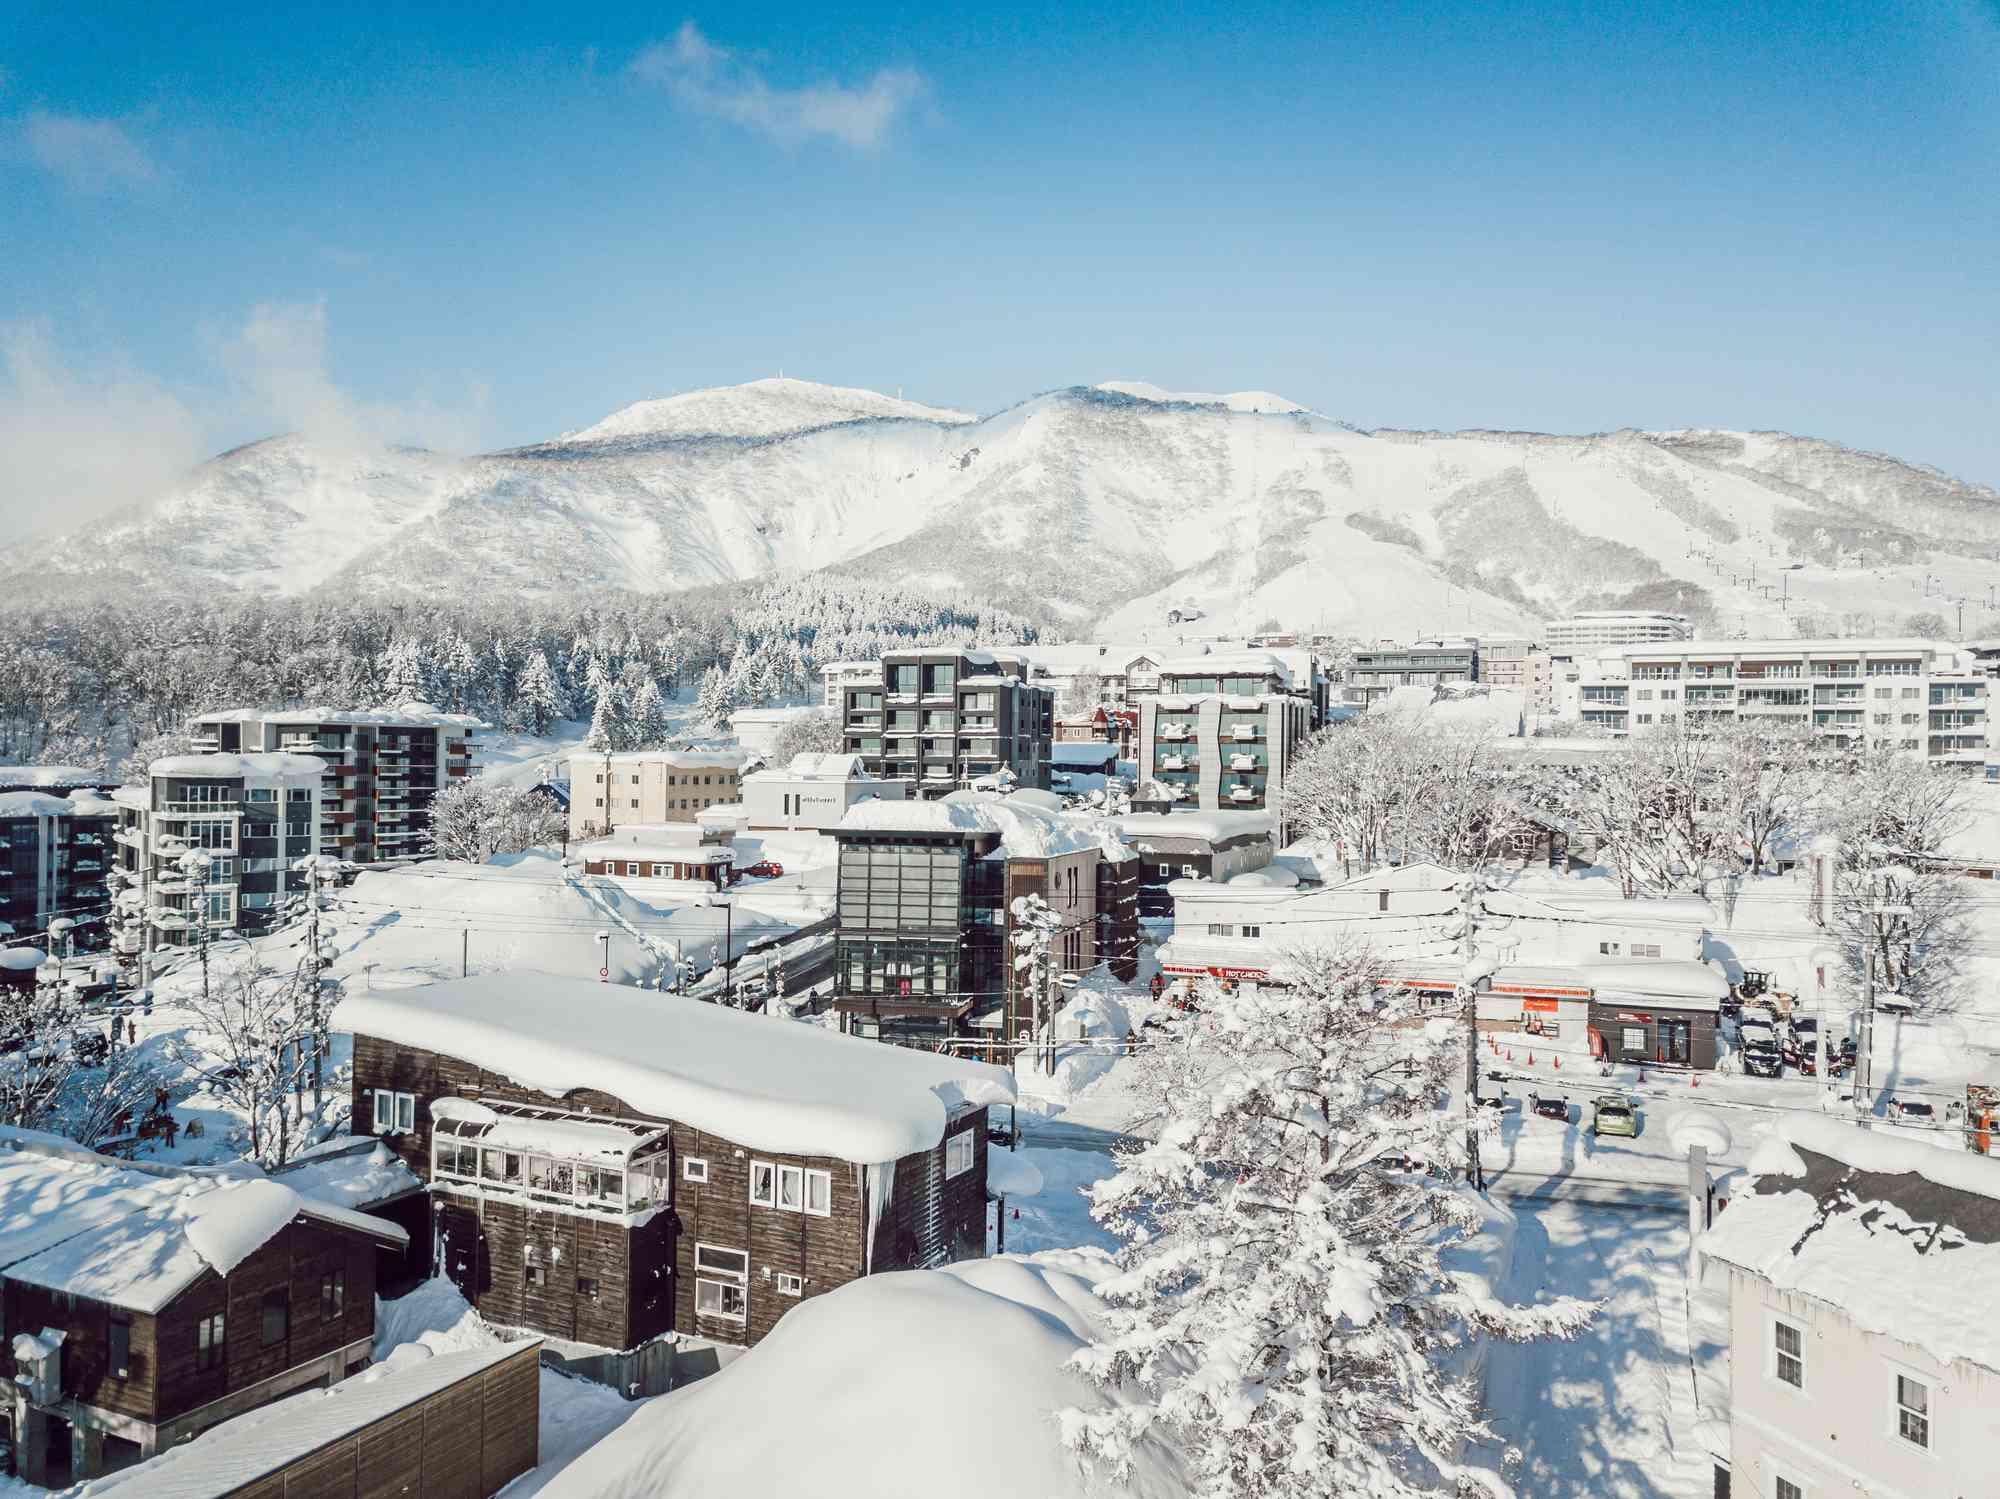 Niesko Ski Resort